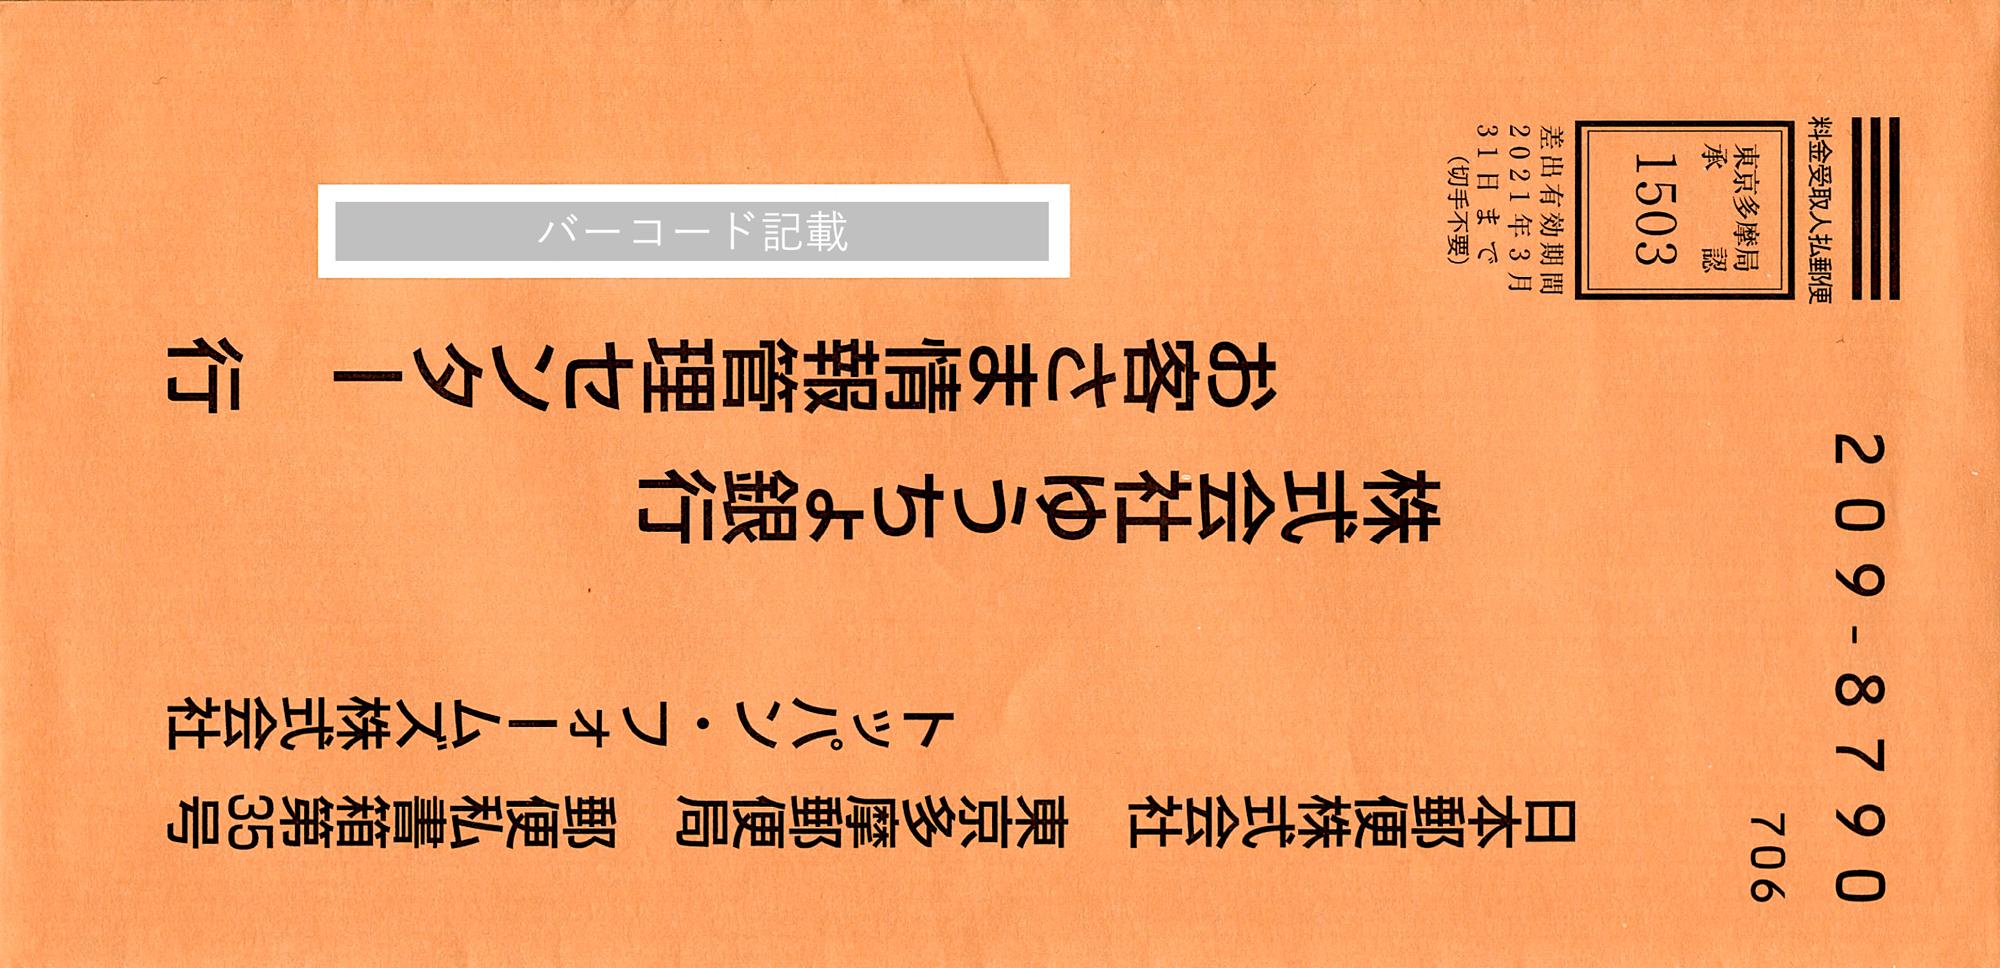 ゆうちょ銀行の封筒【表面】